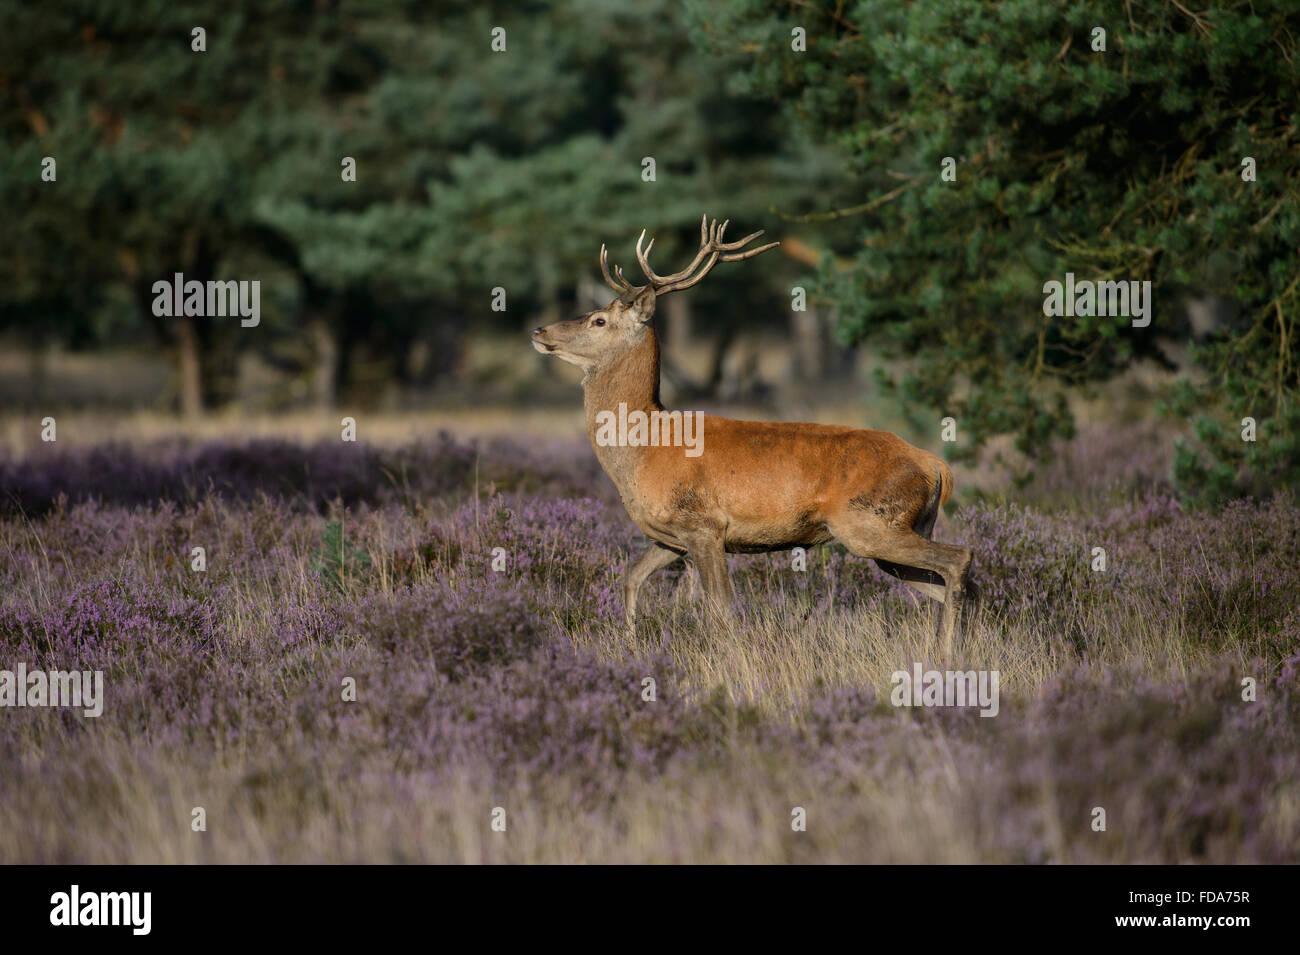 Der rote Hirsch mit kleinen Geweih in einem Feld mit Blüte lila Heidekraut Stockbild